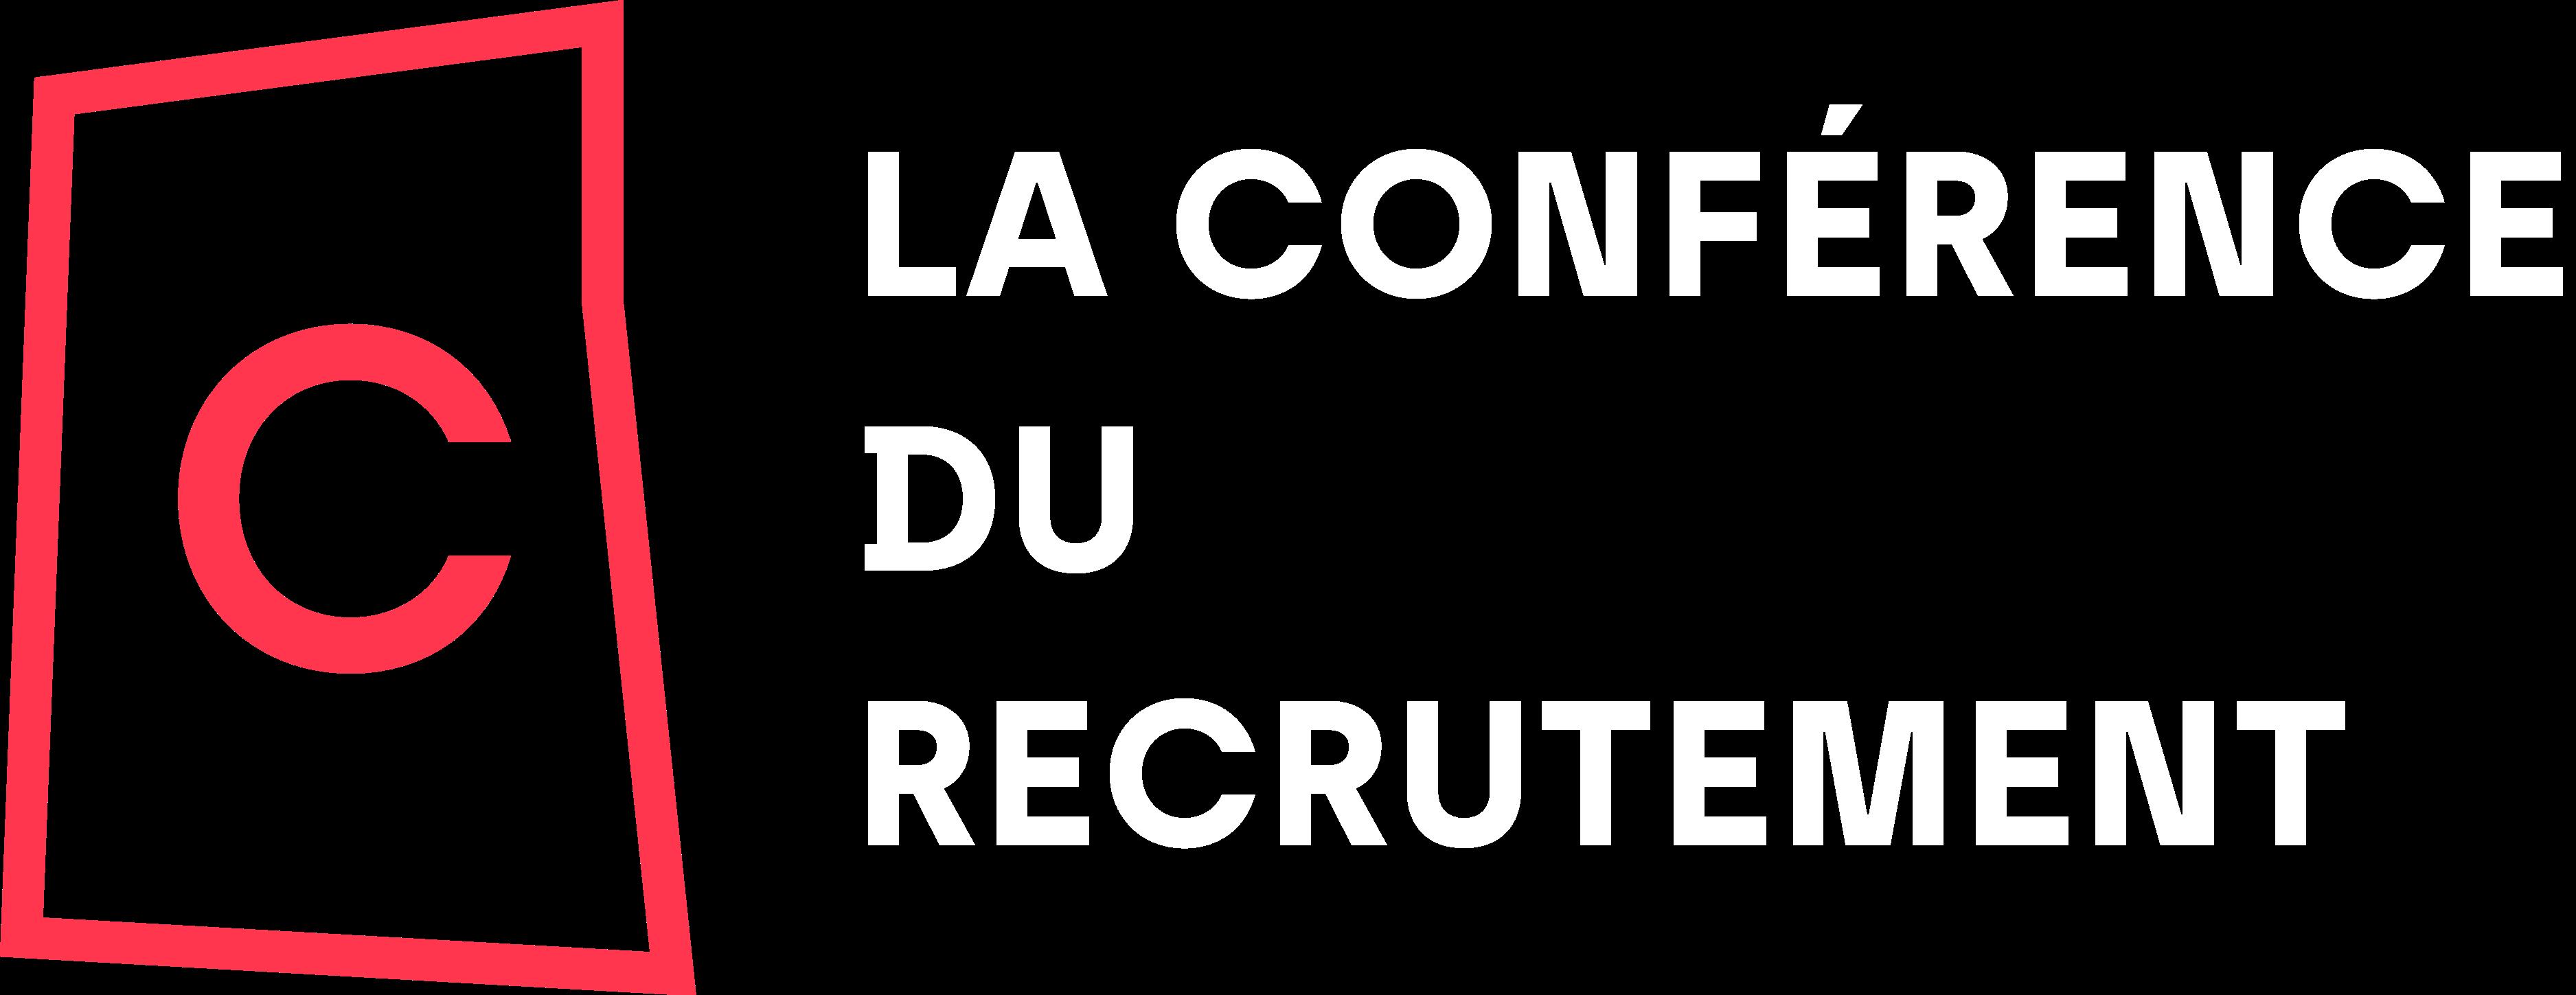 Logo de la conférence du recrutement